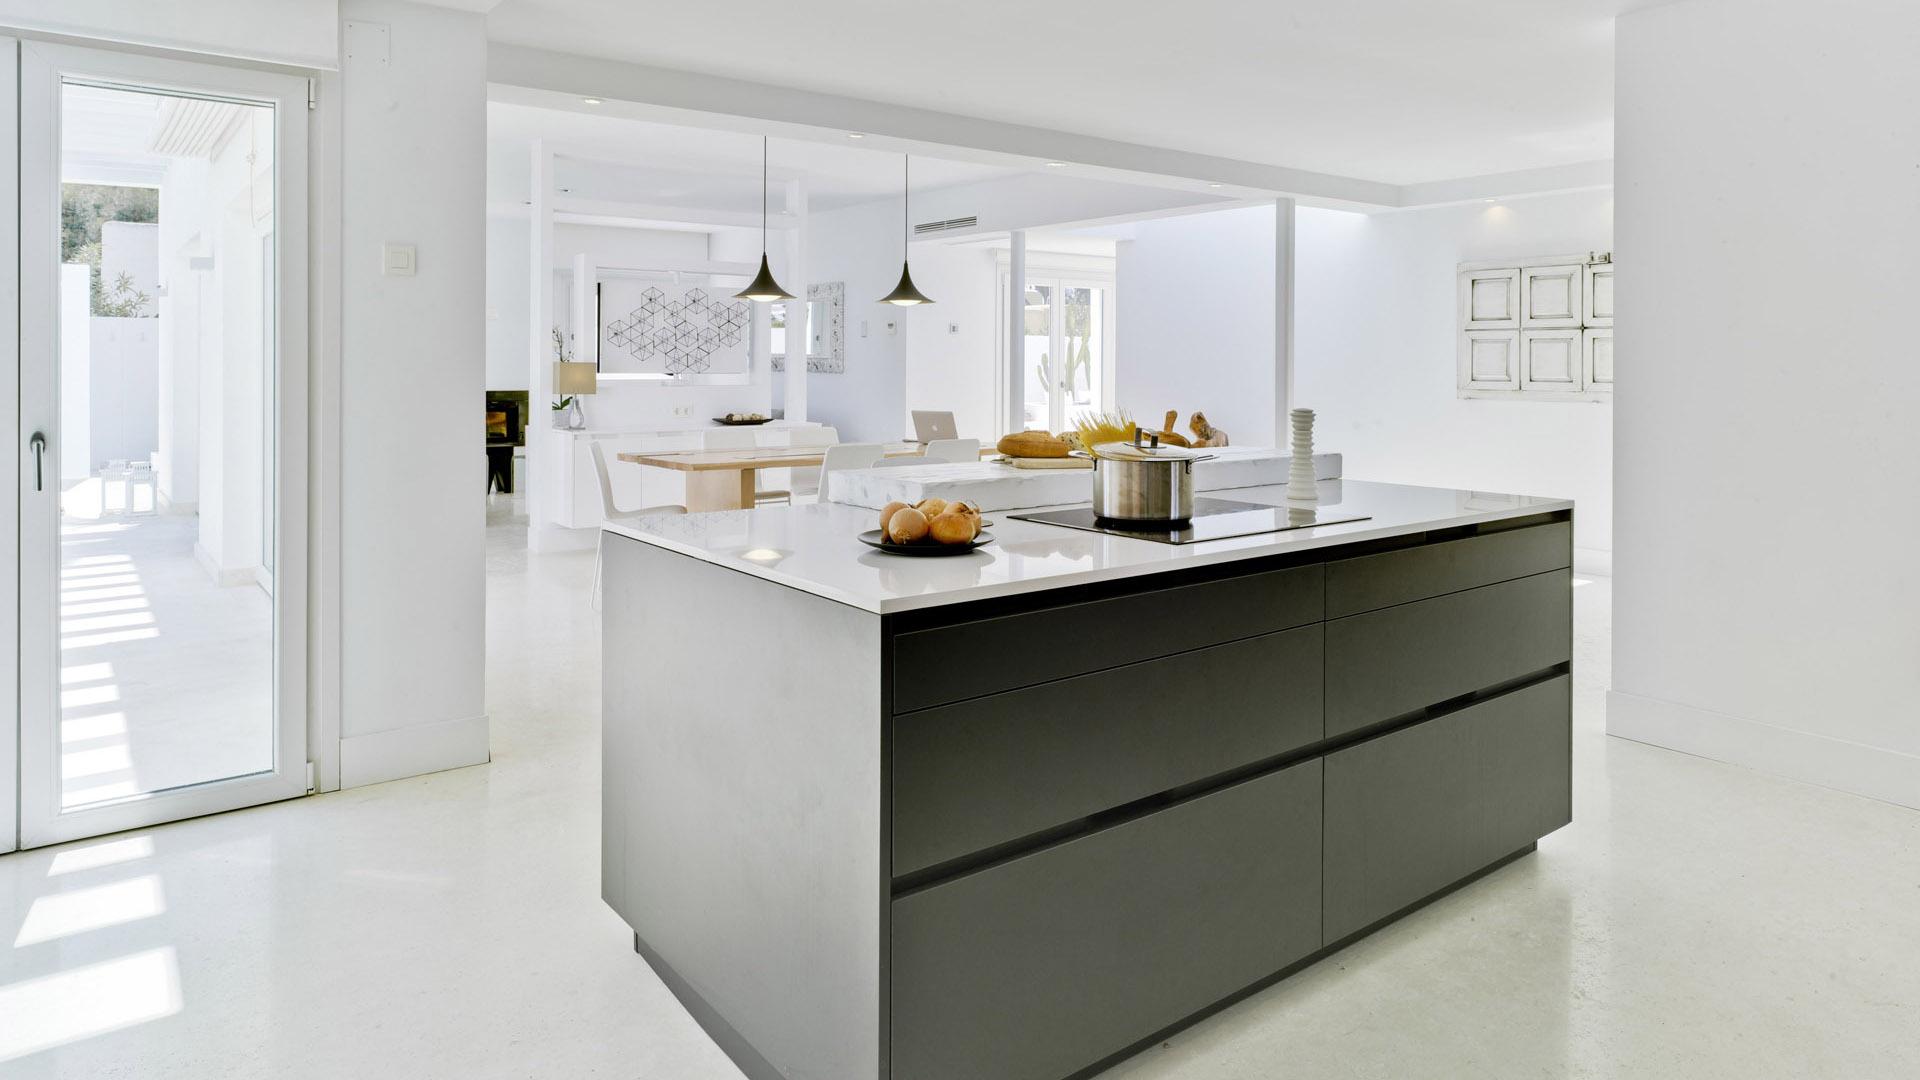 Cocina con isla abierta al comedor y el salón - INTRA-E Gris ...